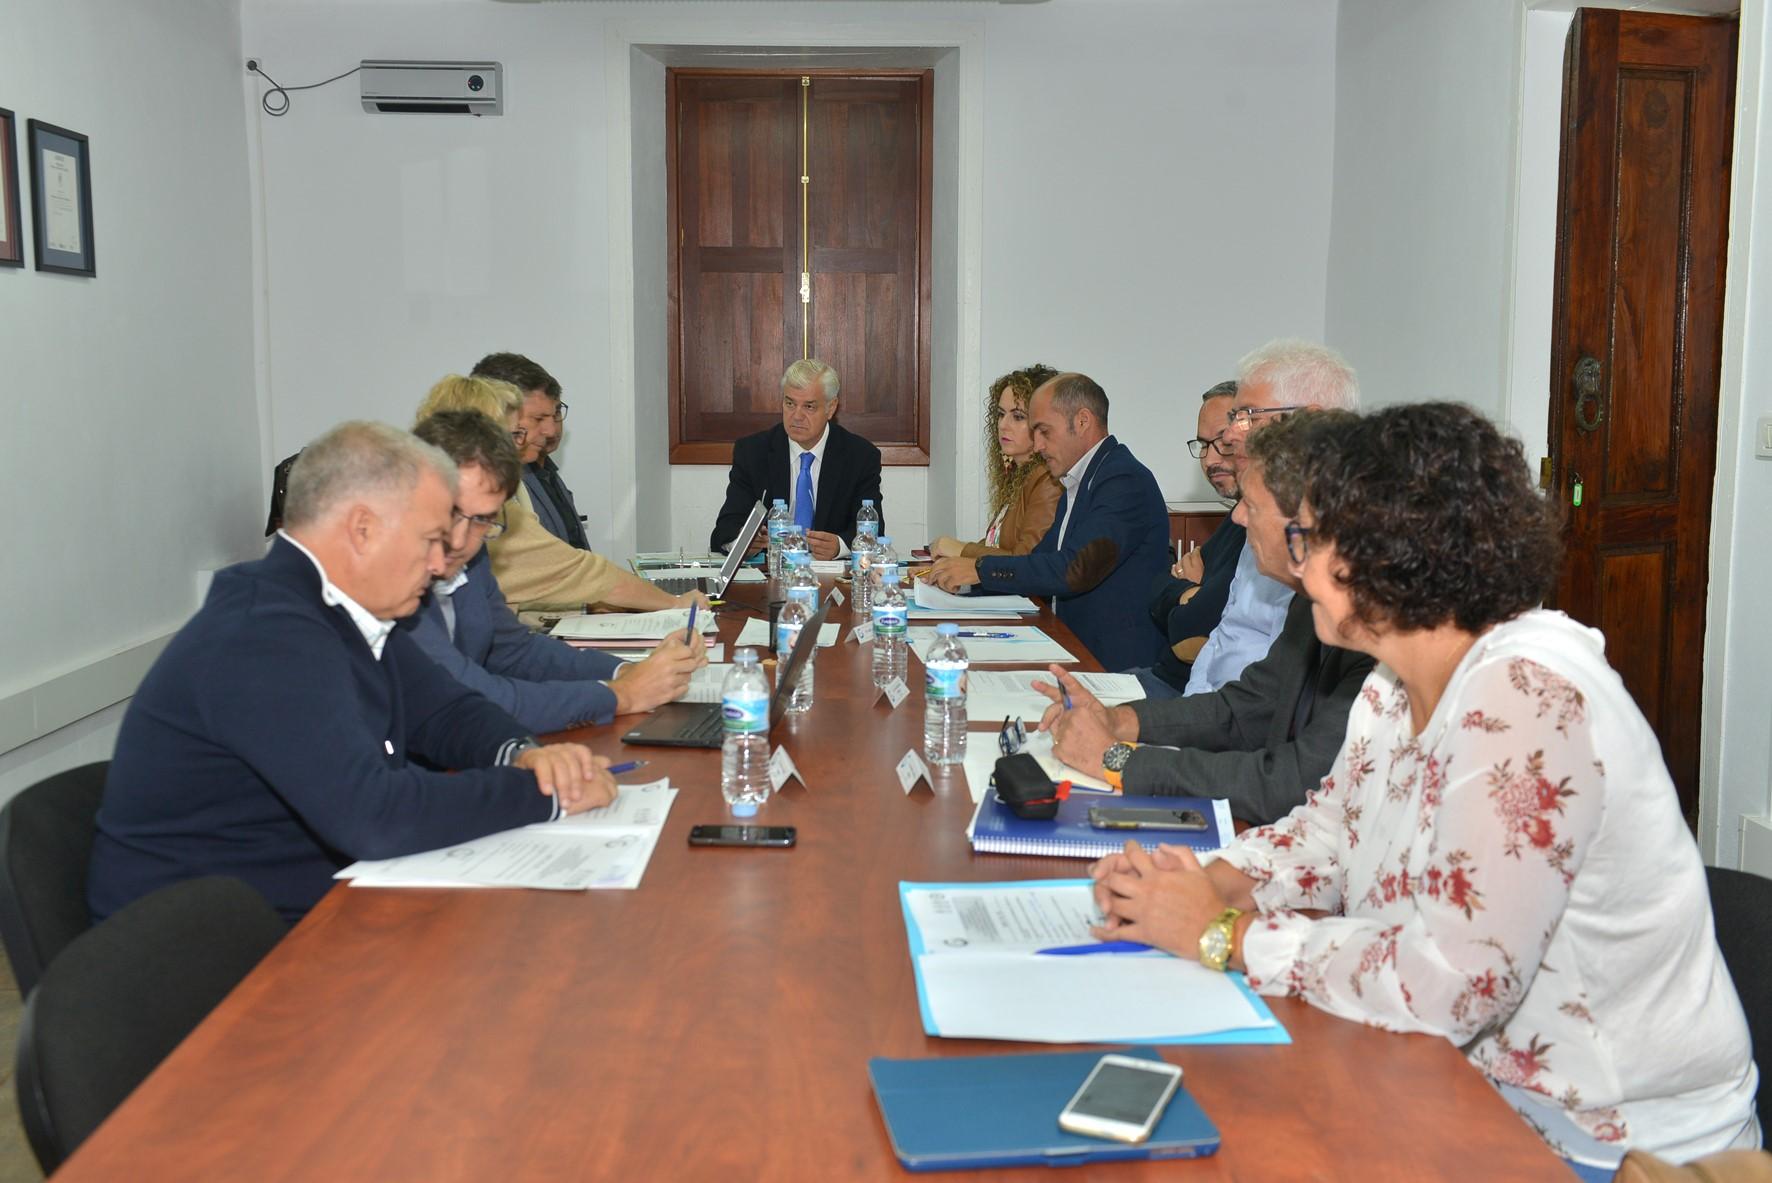 Gorona del Viento El Hierro presenta su nuevo Consejo de Administración